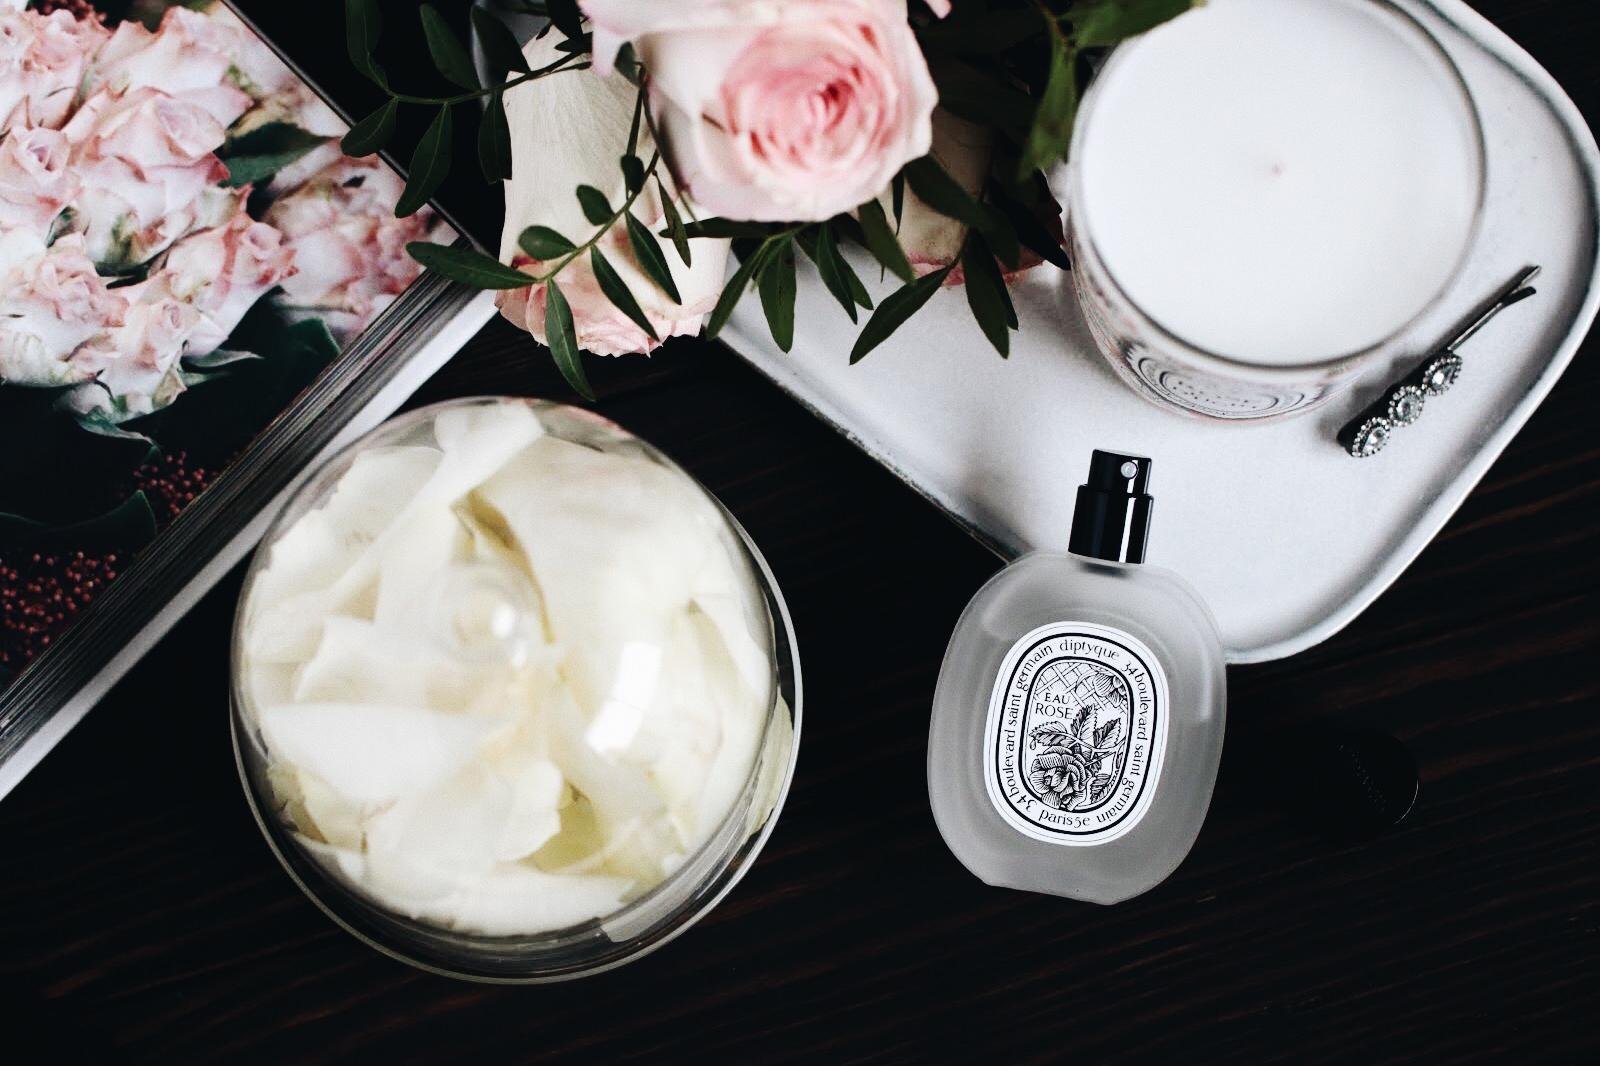 diptyque eau rose delight bougie parfum cheveux avis test